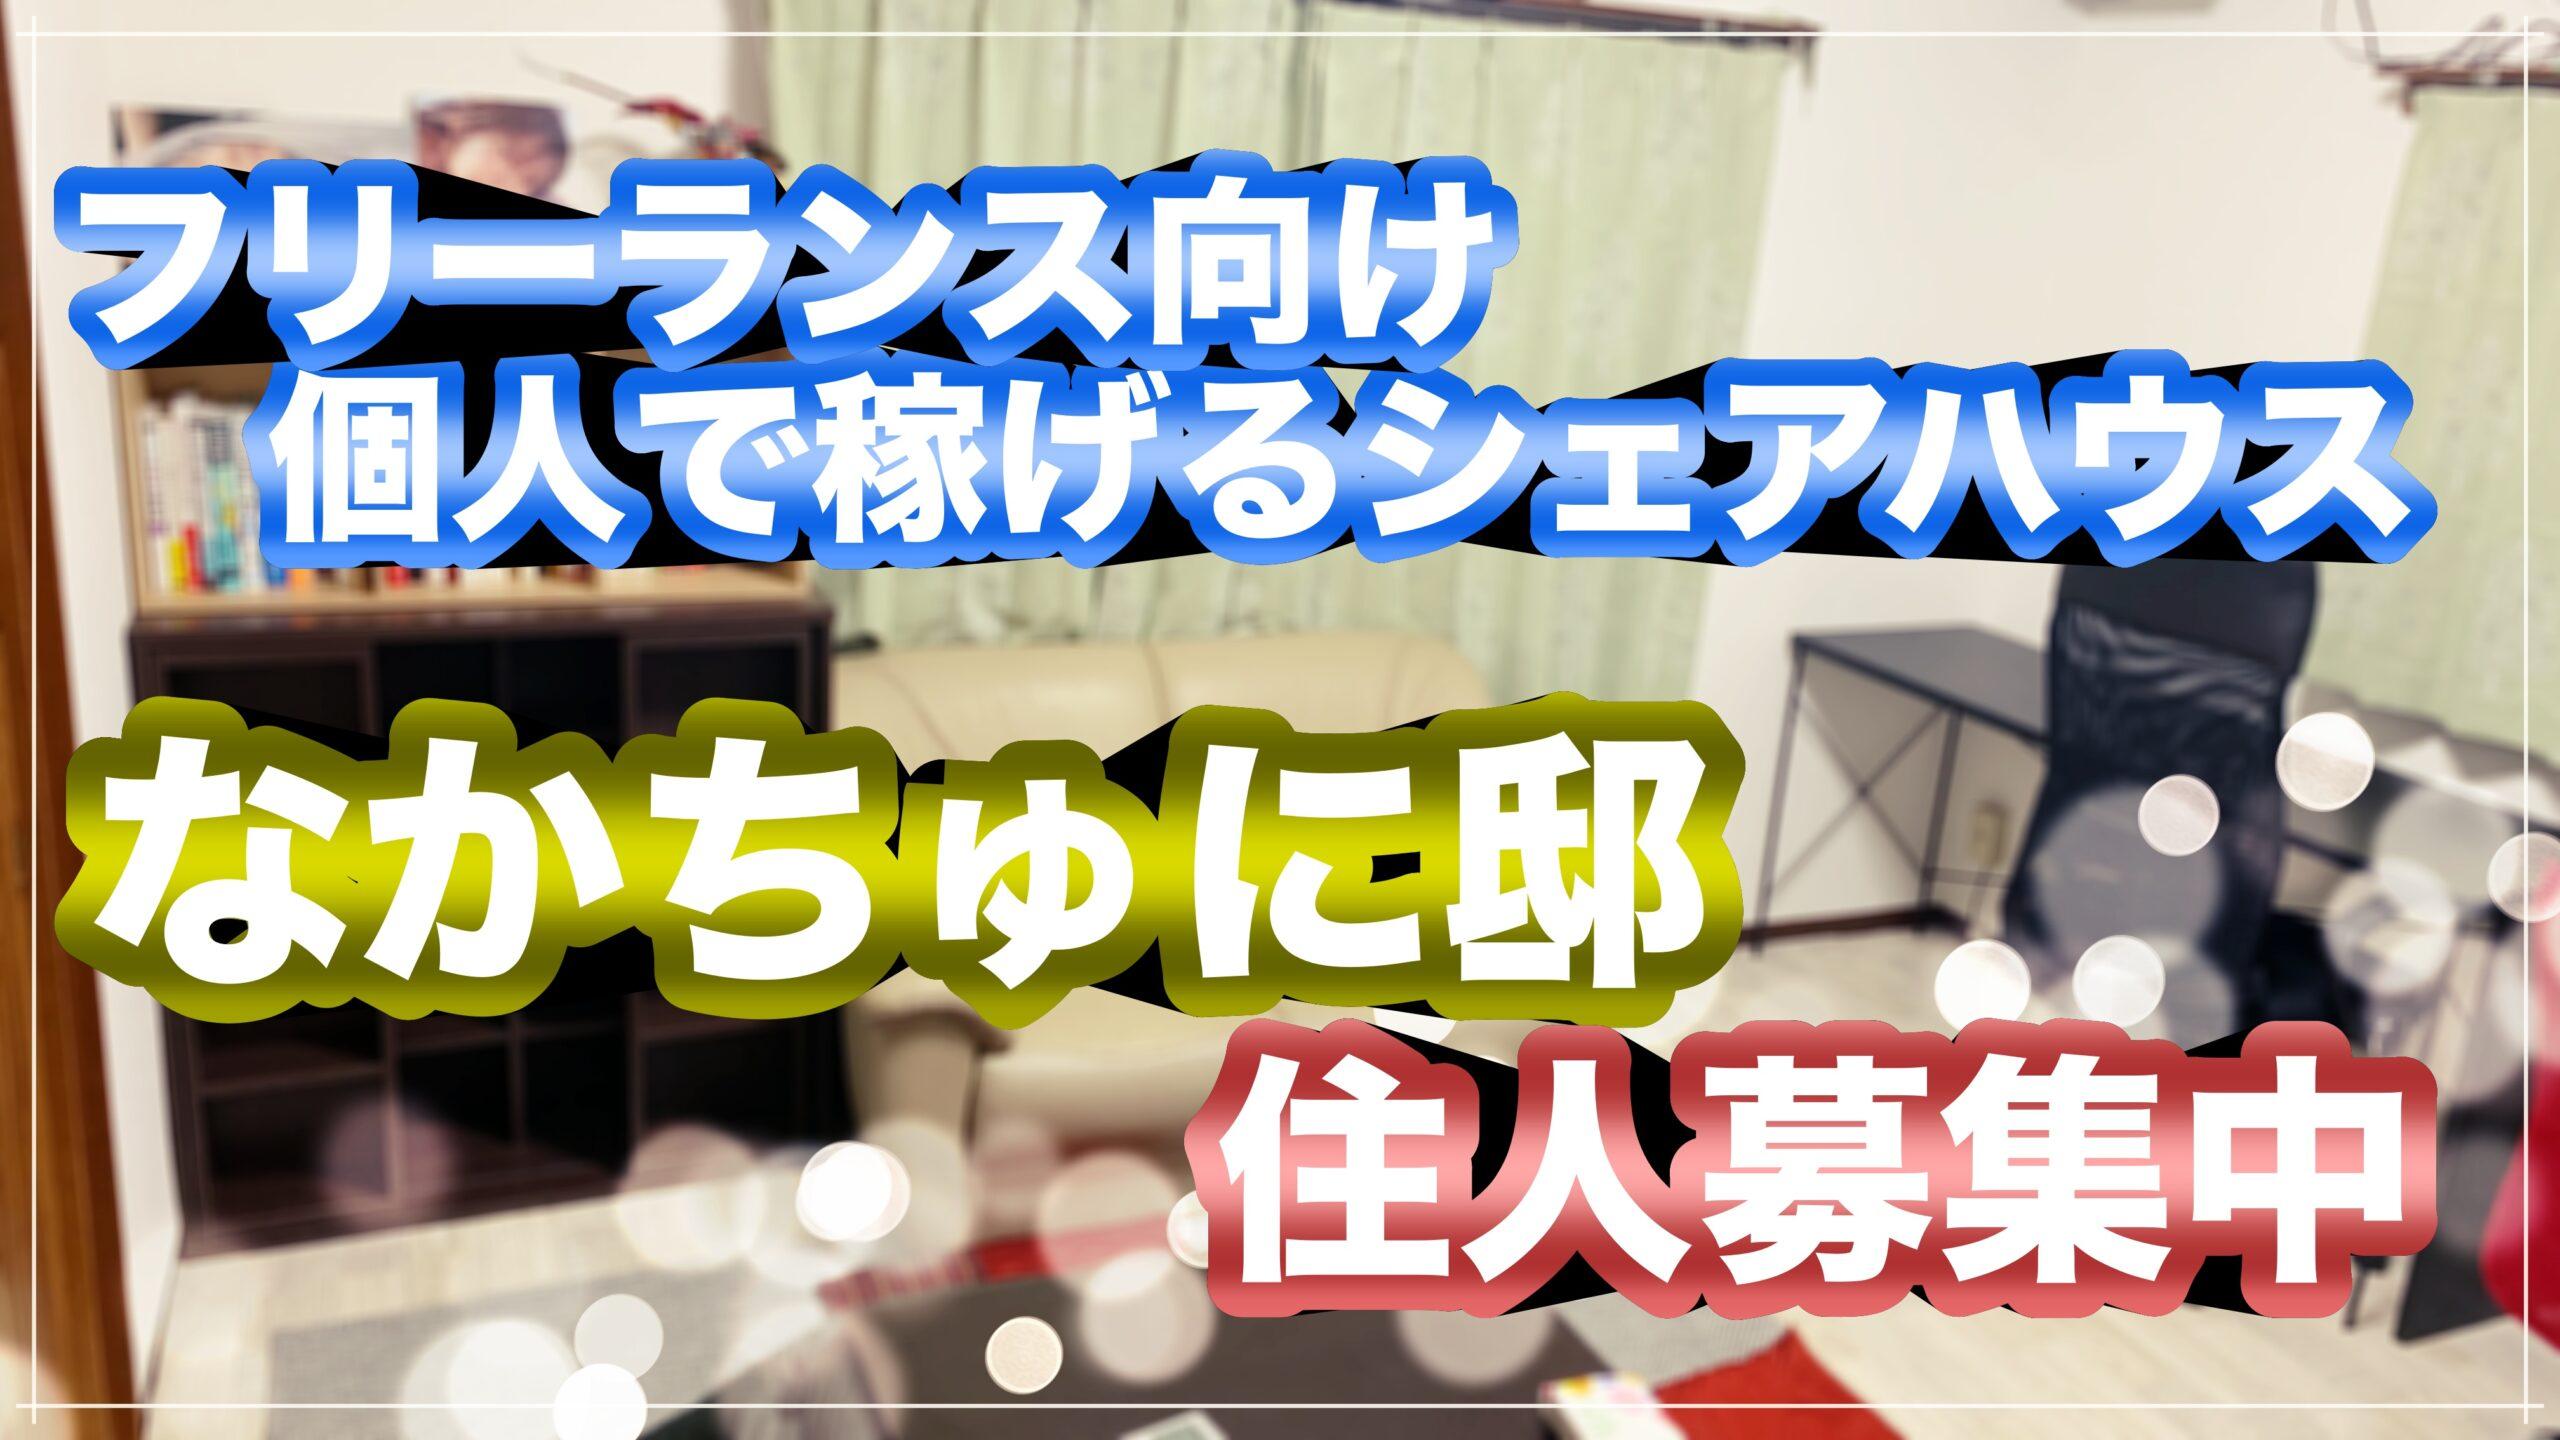 【フリーランス向けシェアハウス】なかちゅに邸が住人募集!★10,20代限定【初月家賃無料!】